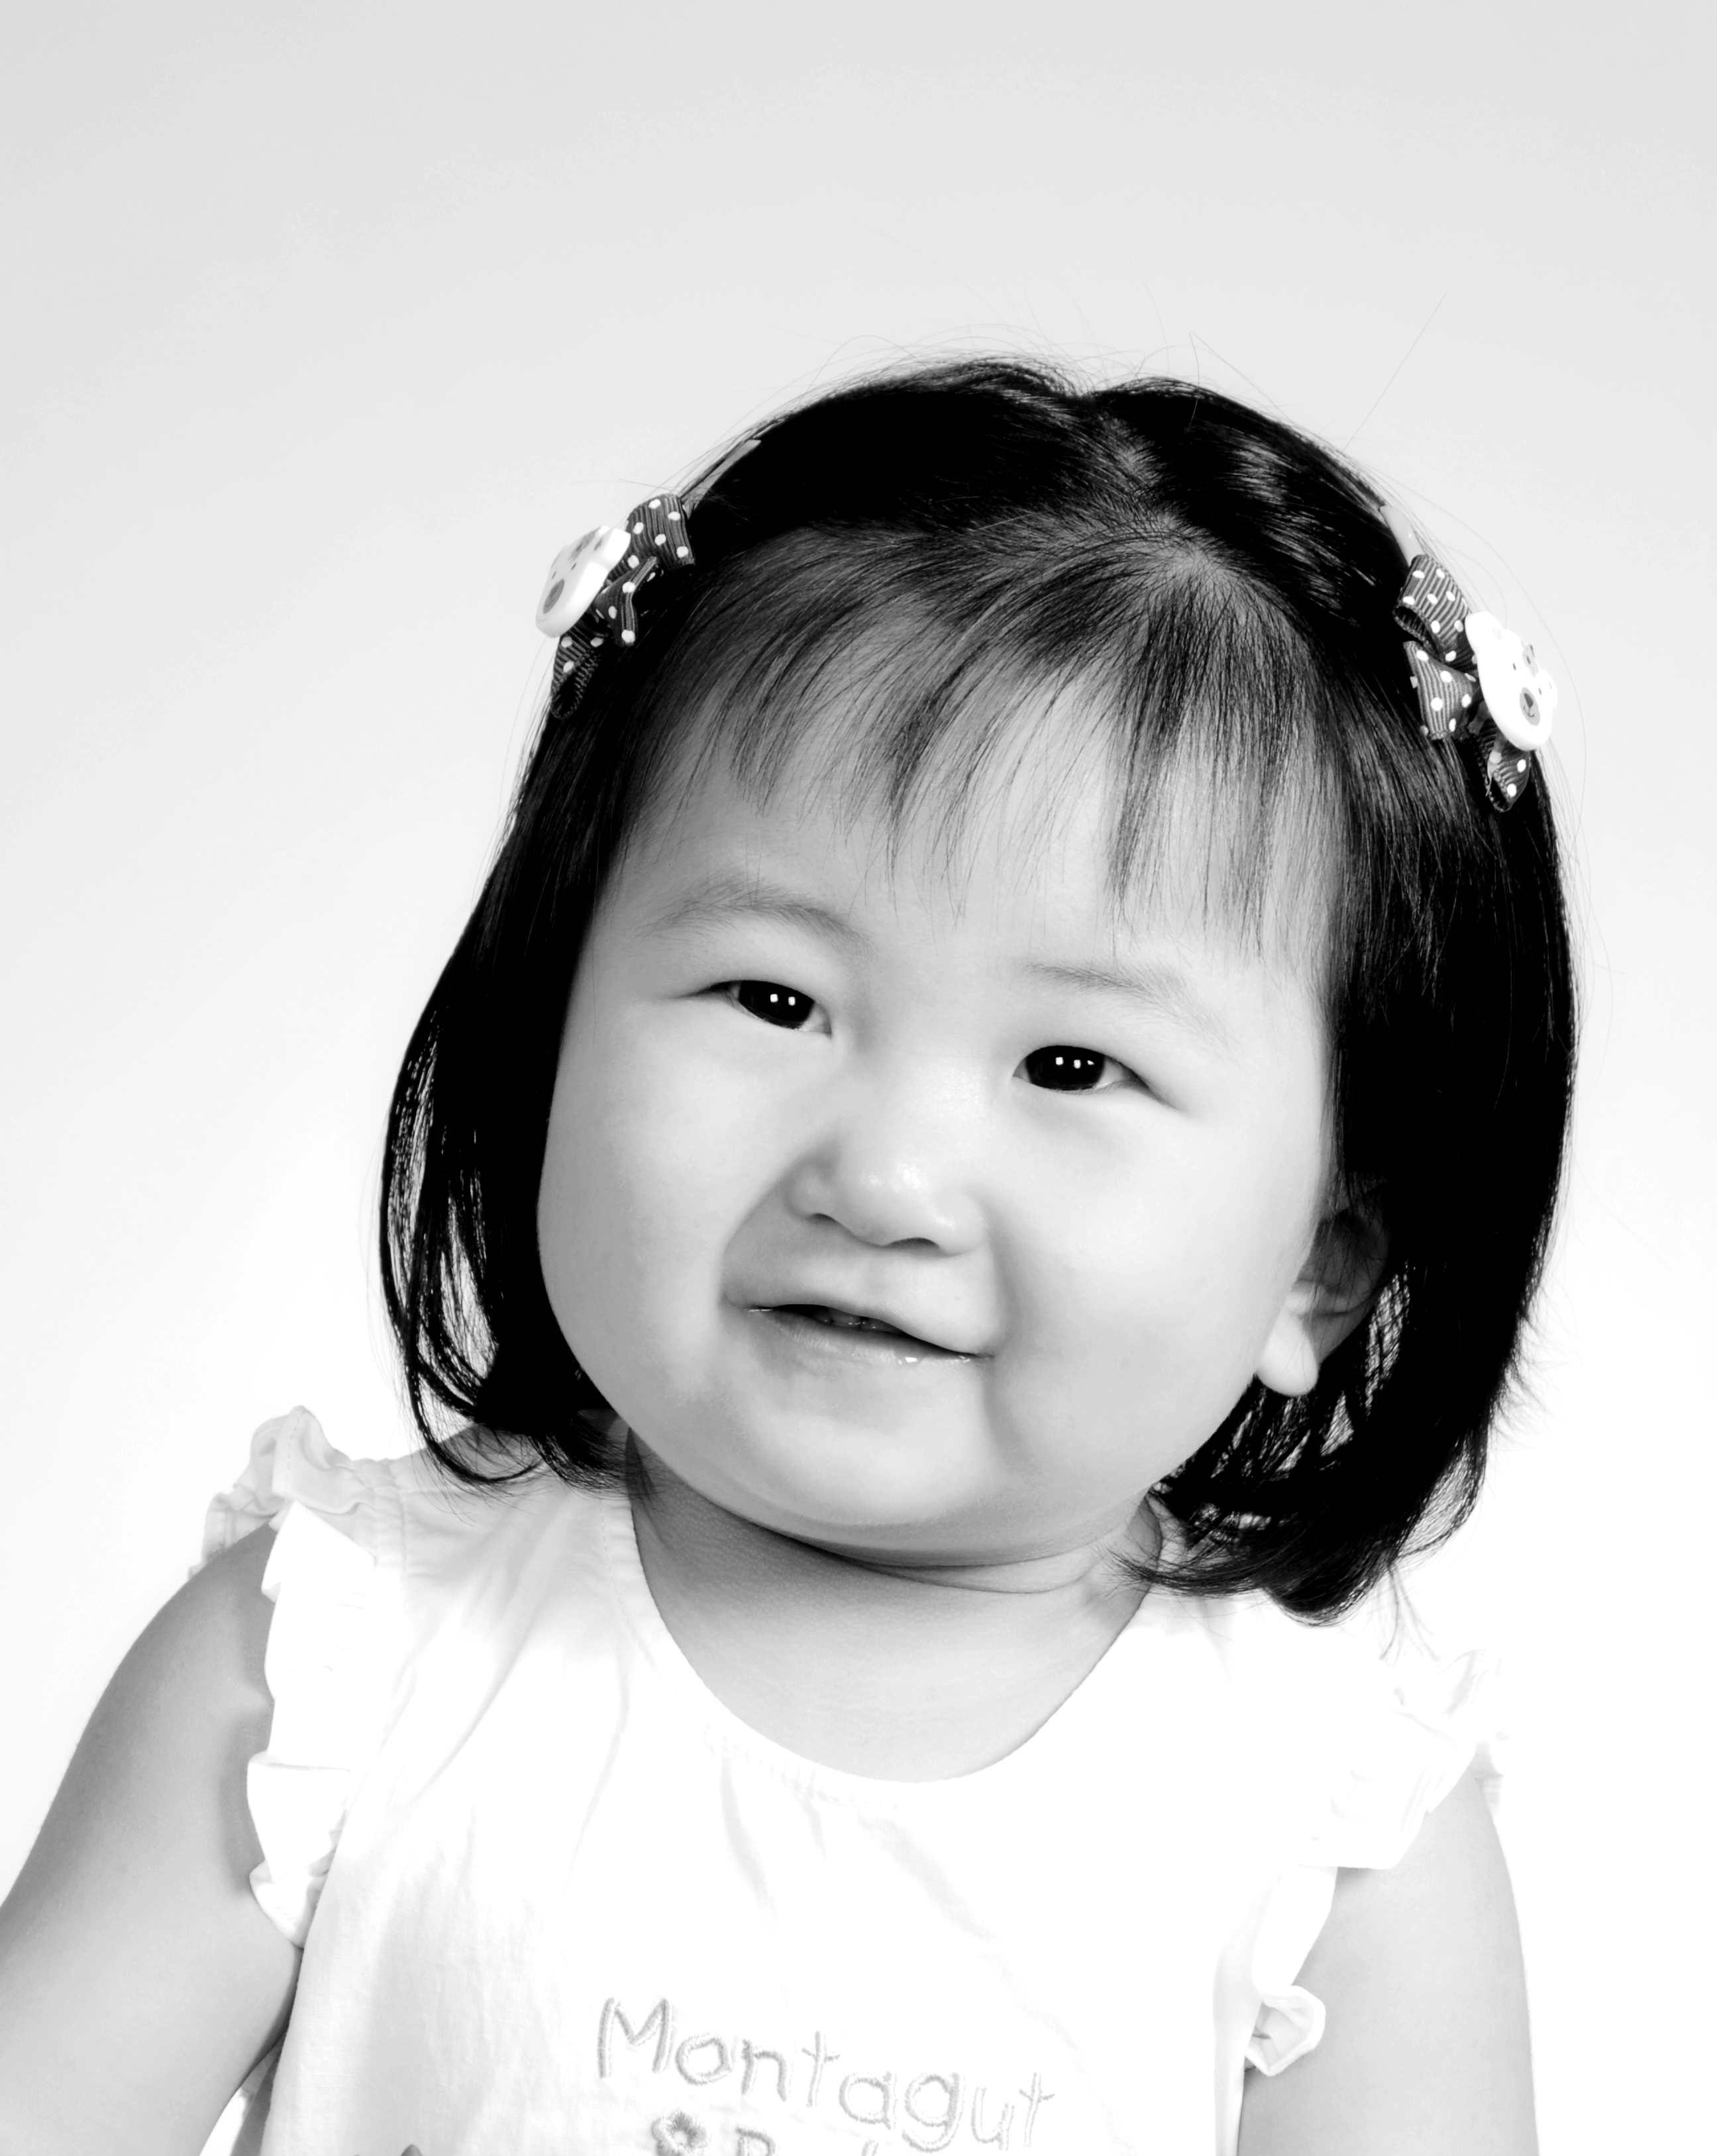 可爱大头小孩黑白图片